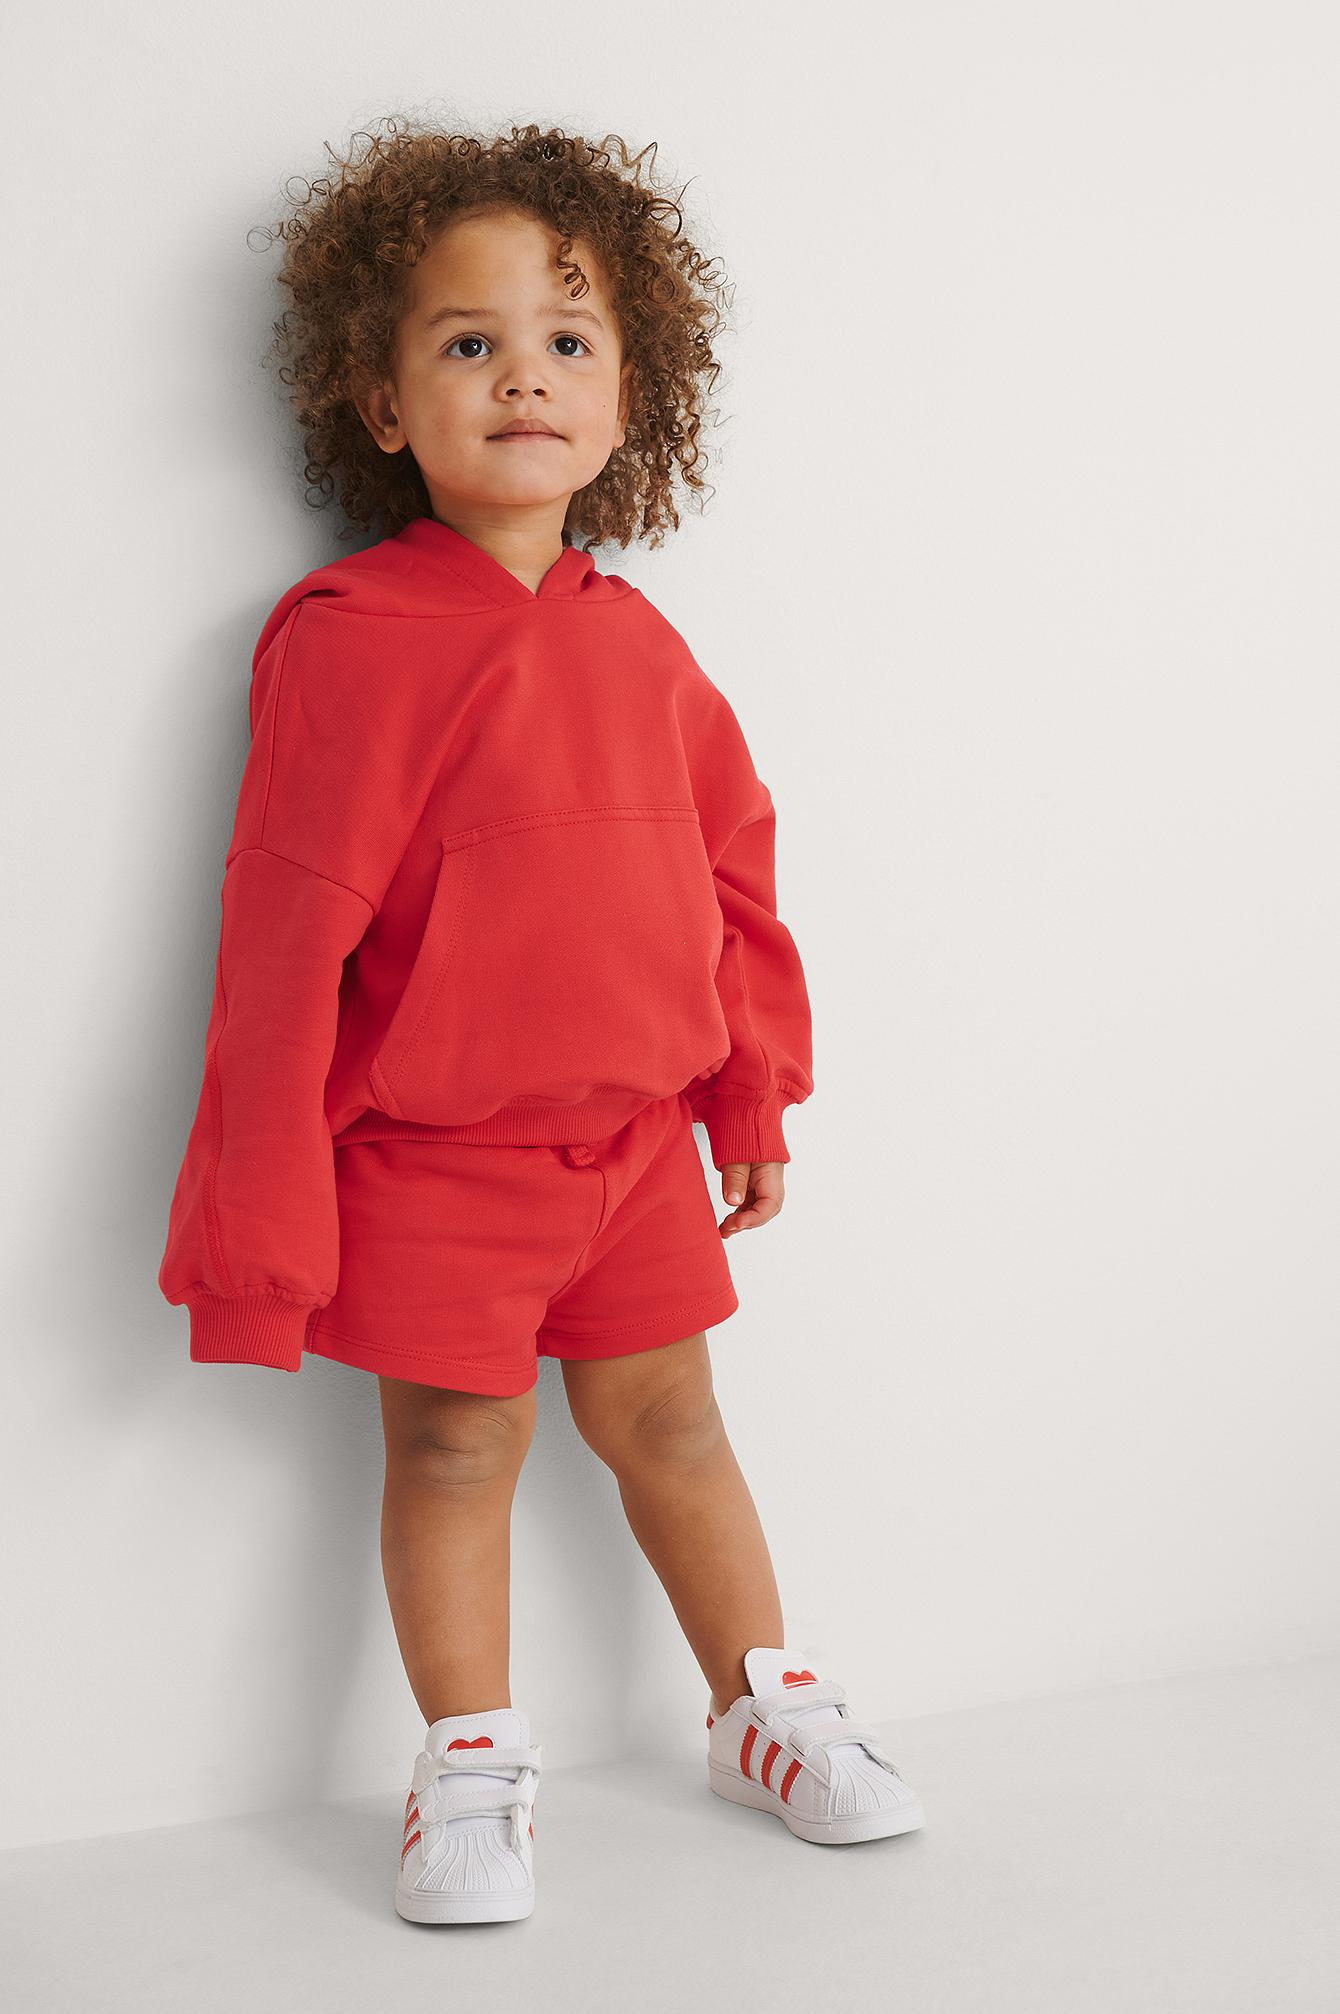 KIDS by NA-KD Orgaaniset Lyhyet Basic-Jerseyshortsit - Red